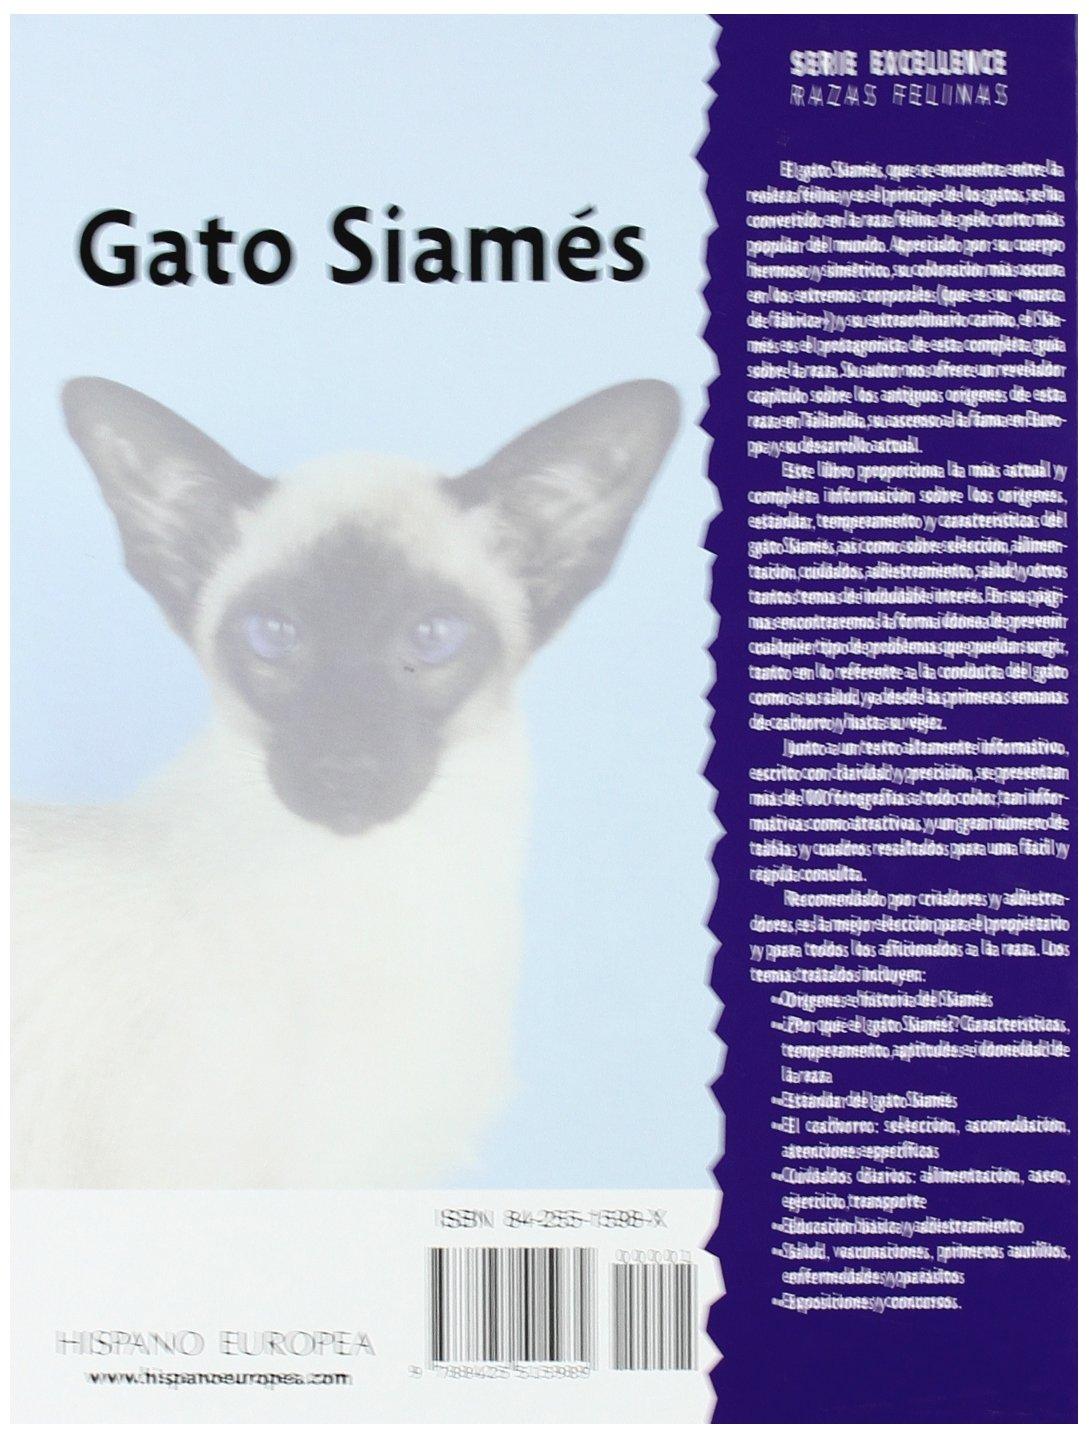 Gato Siames / Siamese Cats (Excellence) (Spanish Edition): D. Jones: 9788425515989: Amazon.com: Books